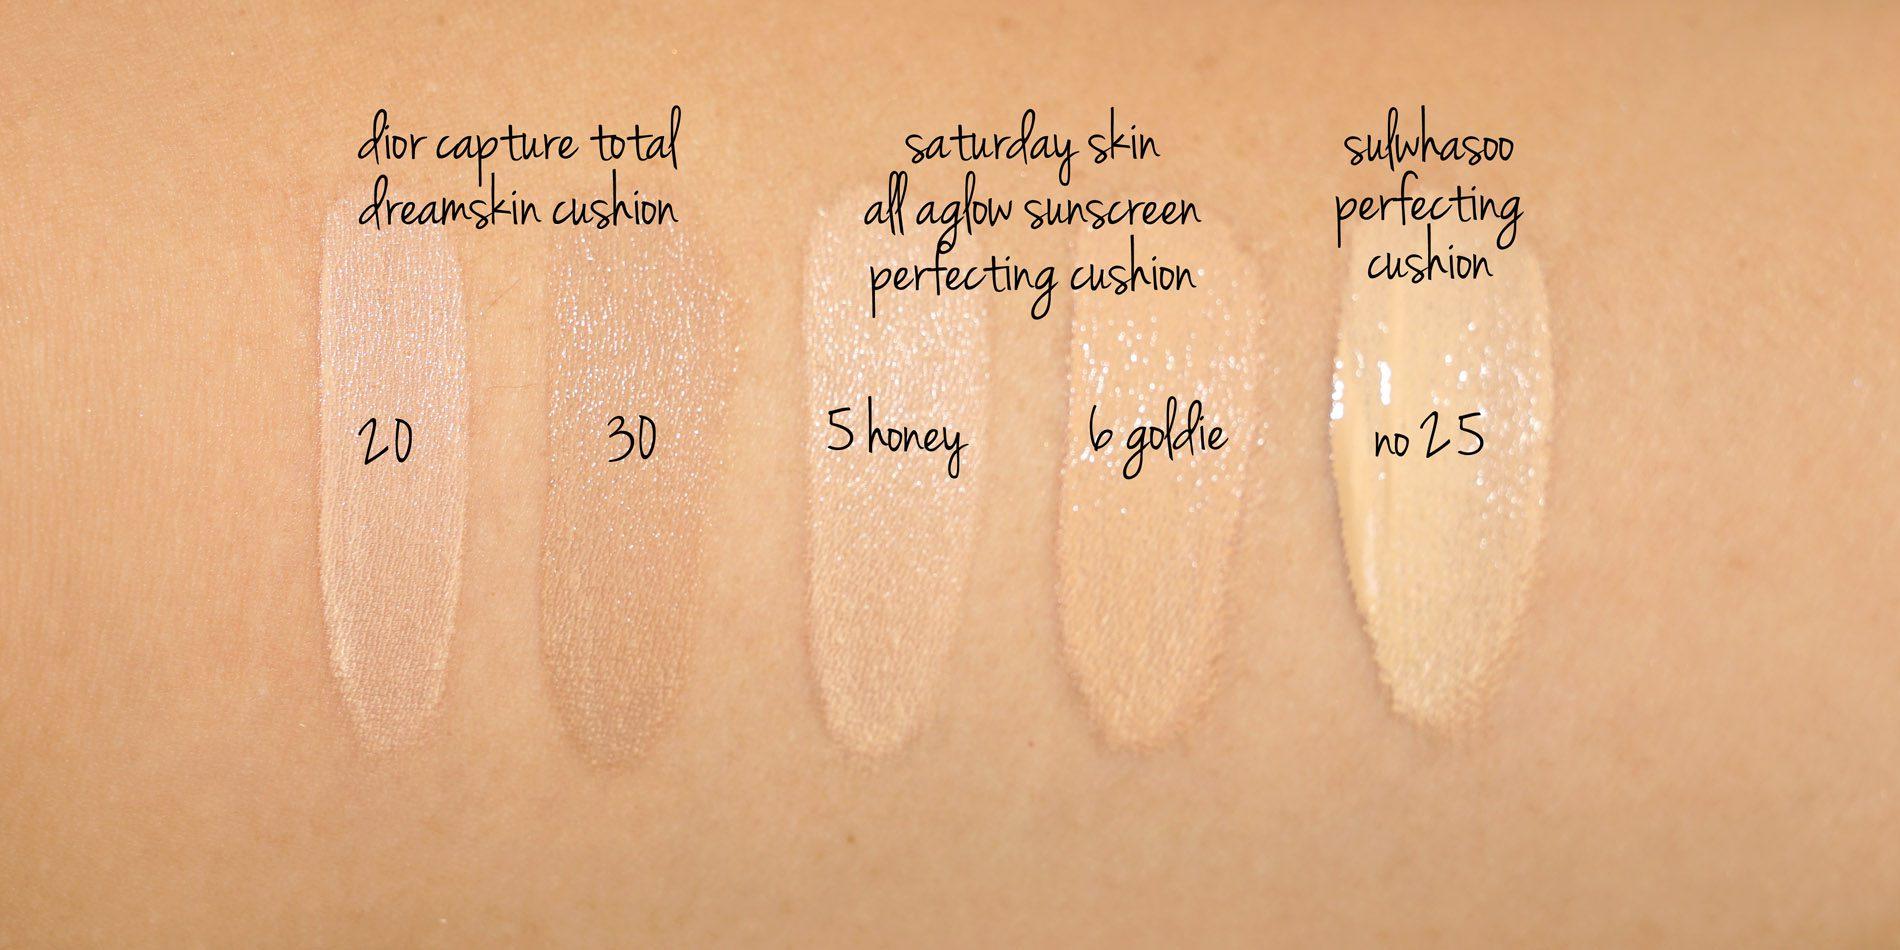 Fresh Skin Apricot Scrub Review